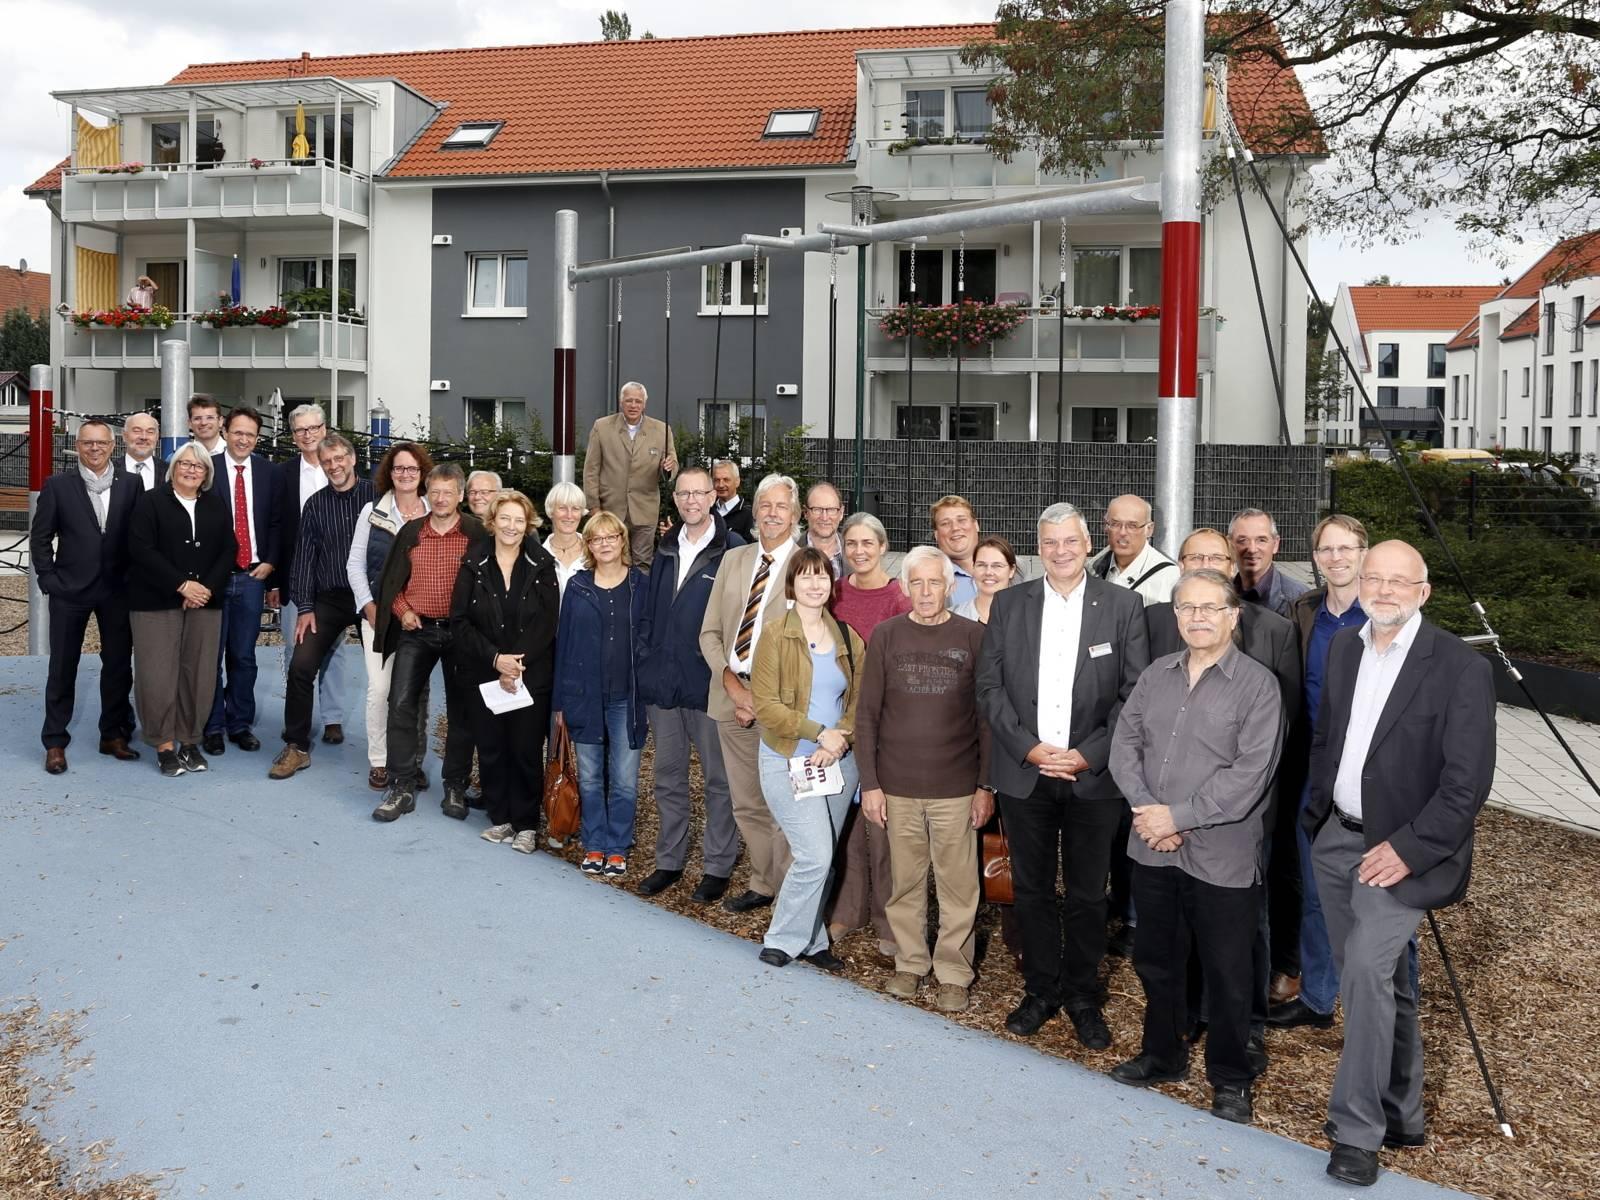 Gruppenbild mit einer großen Gruppe in einem Wohngebiet.